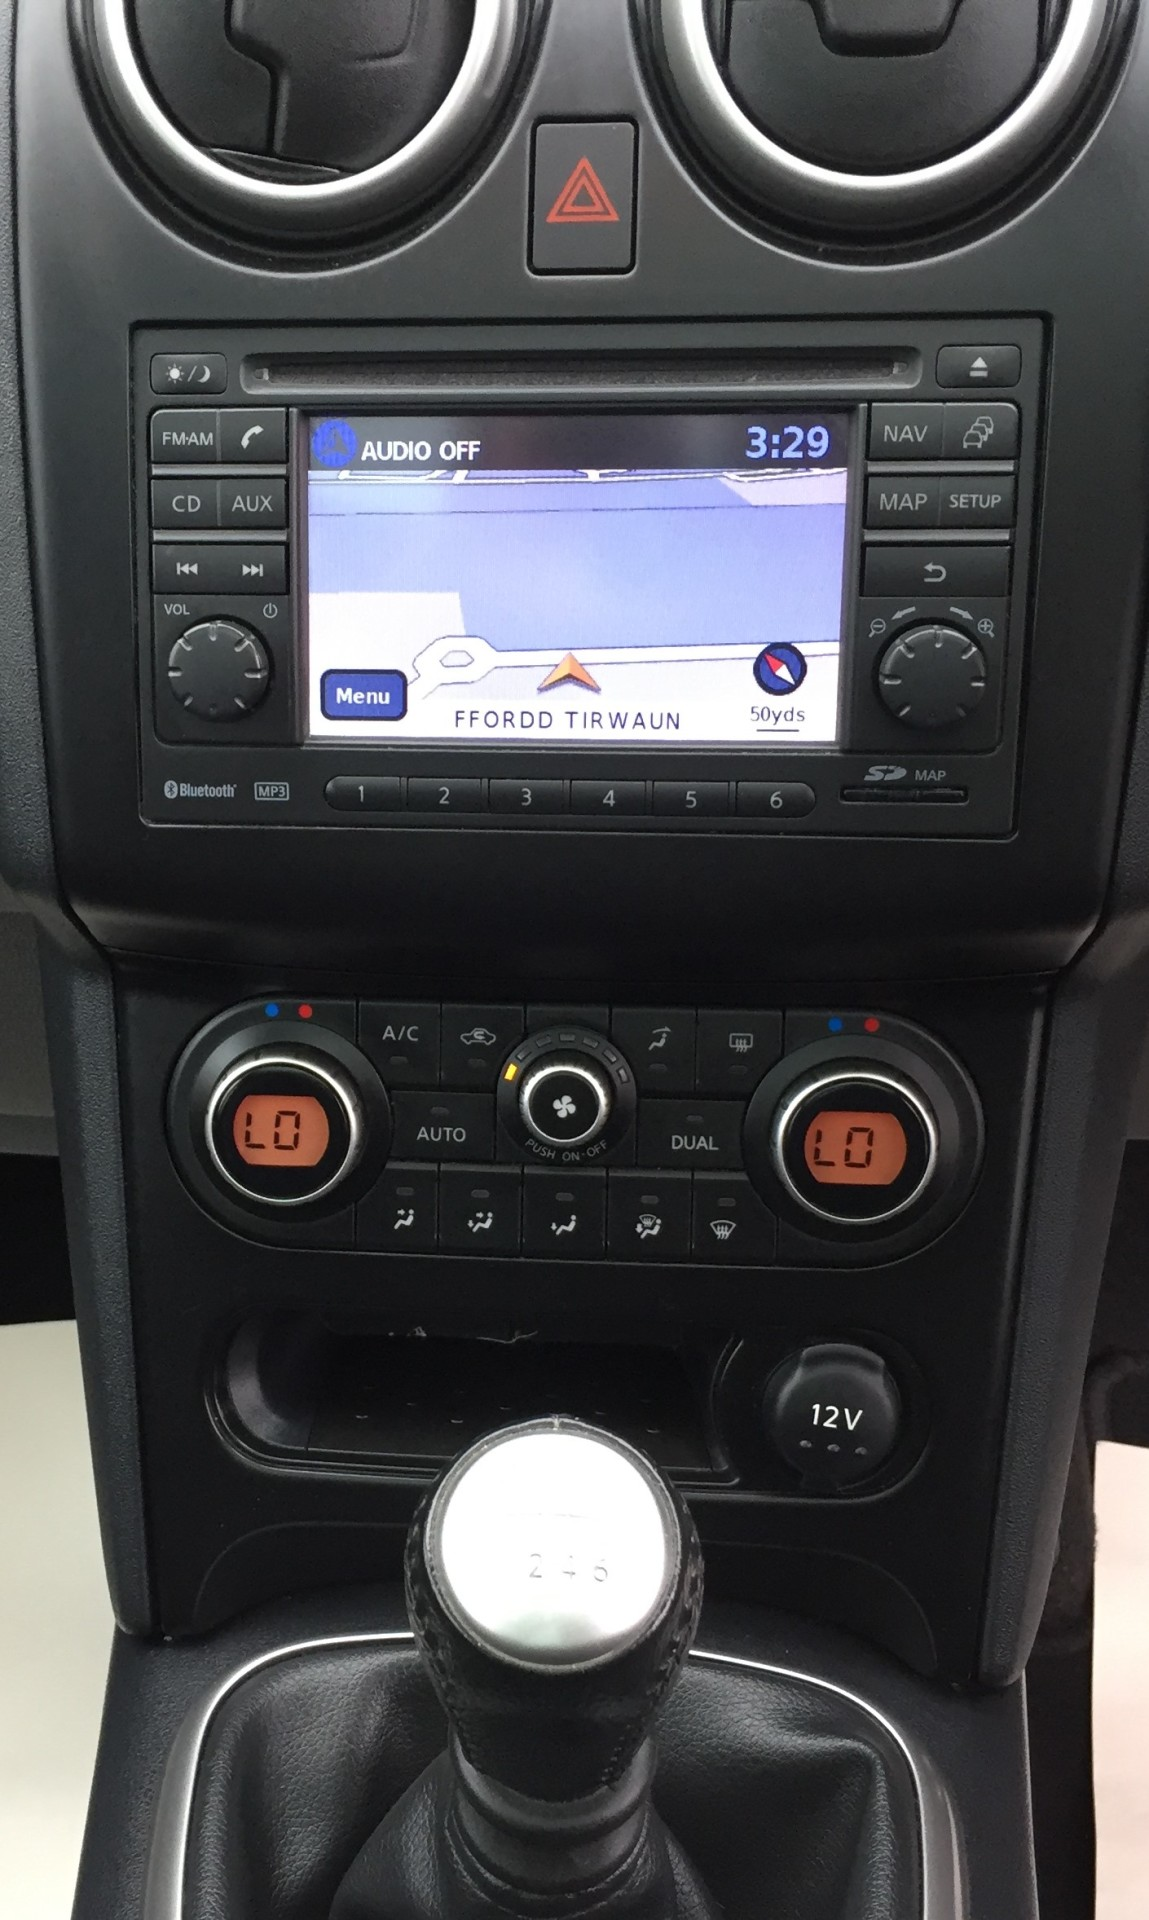 USB/AUX/CD Player